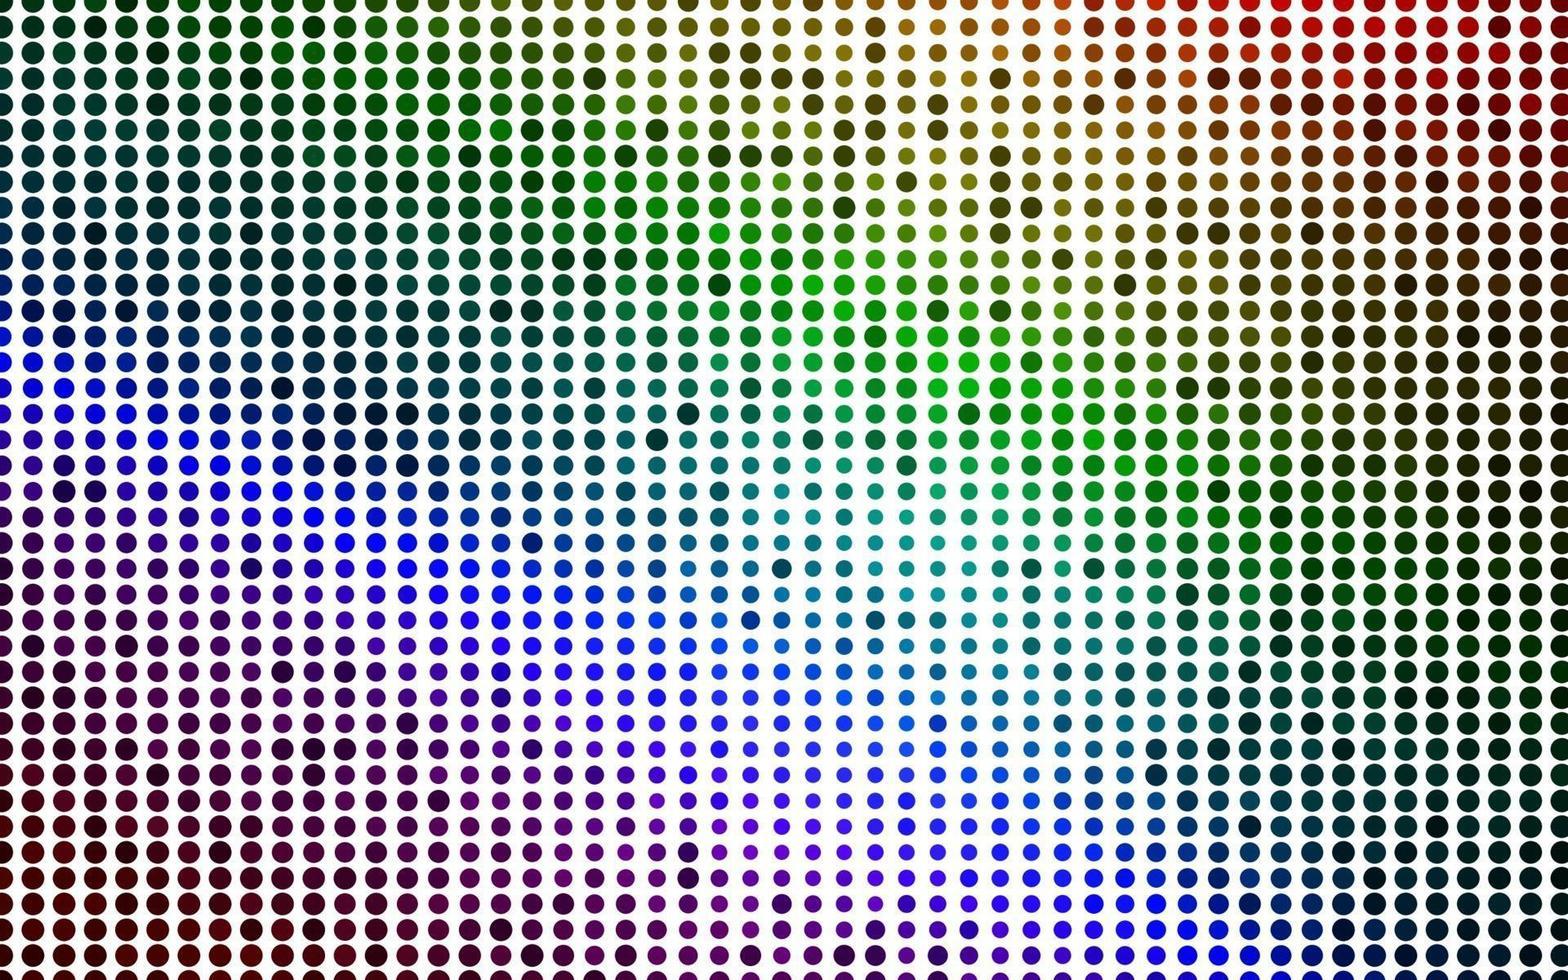 luz multicolor, layout de vetor de arco-íris com formas de círculo.